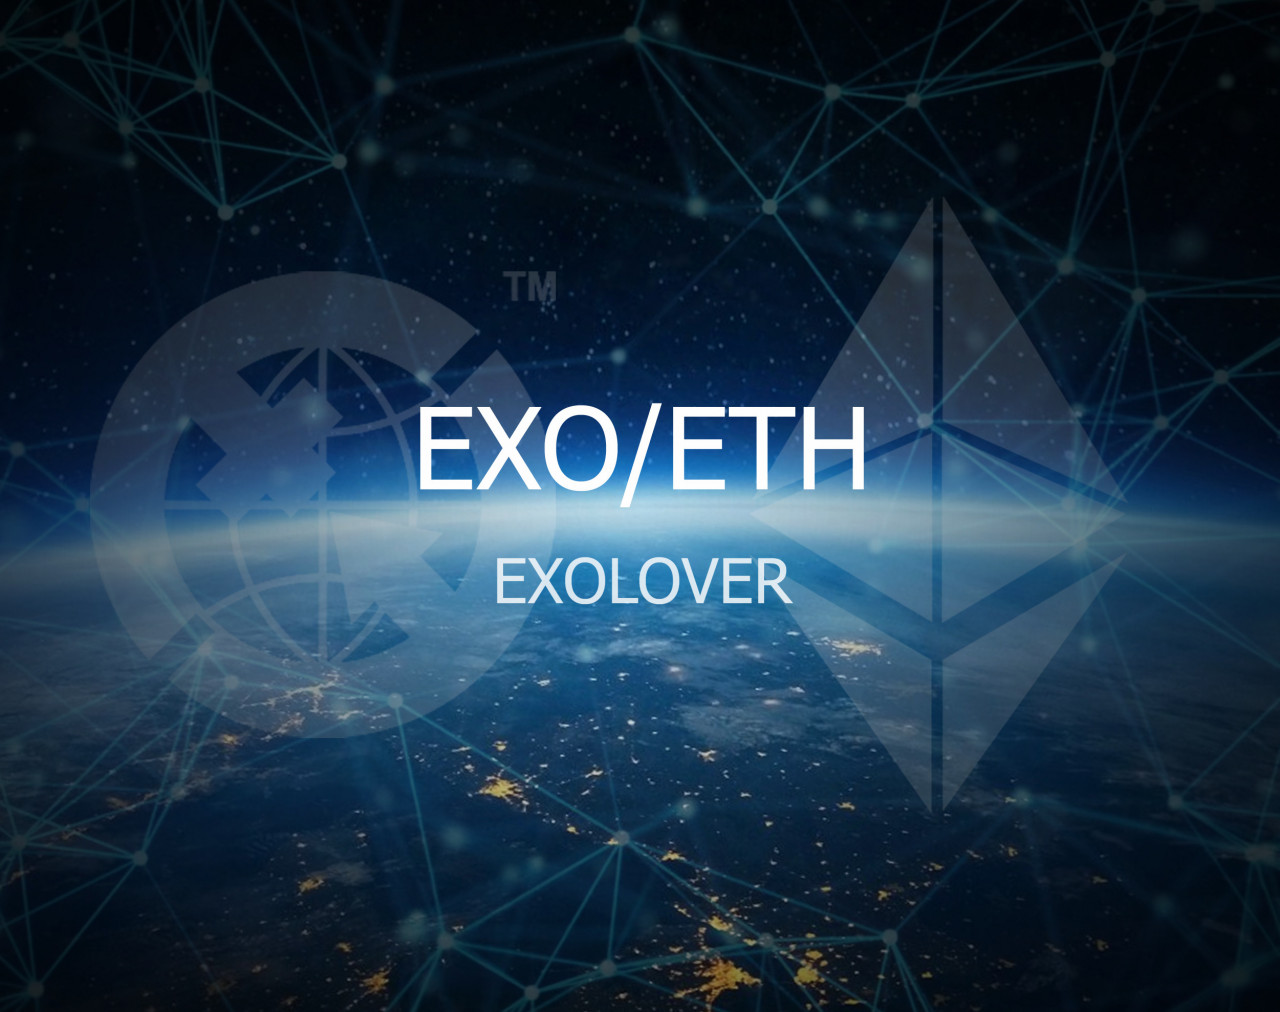 EXO_ETH